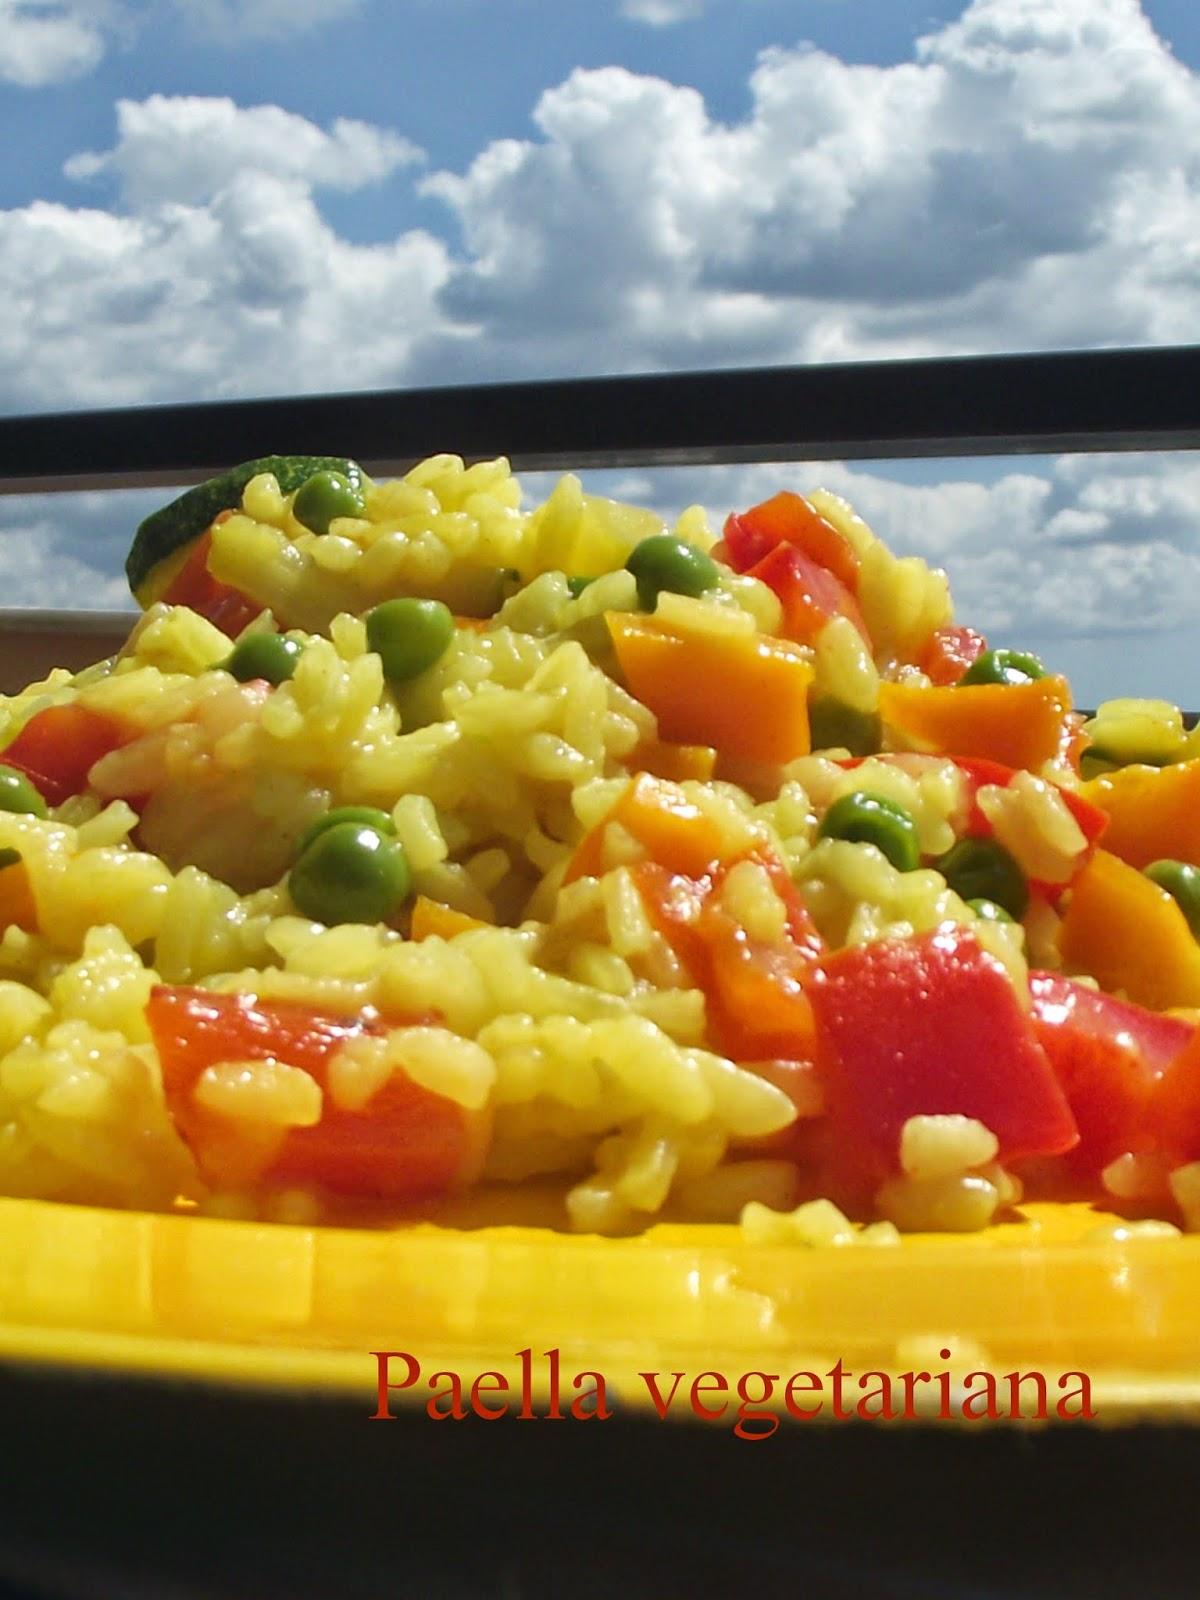 la paella vegetariana...ovvero quando la paella finisce nell'orto